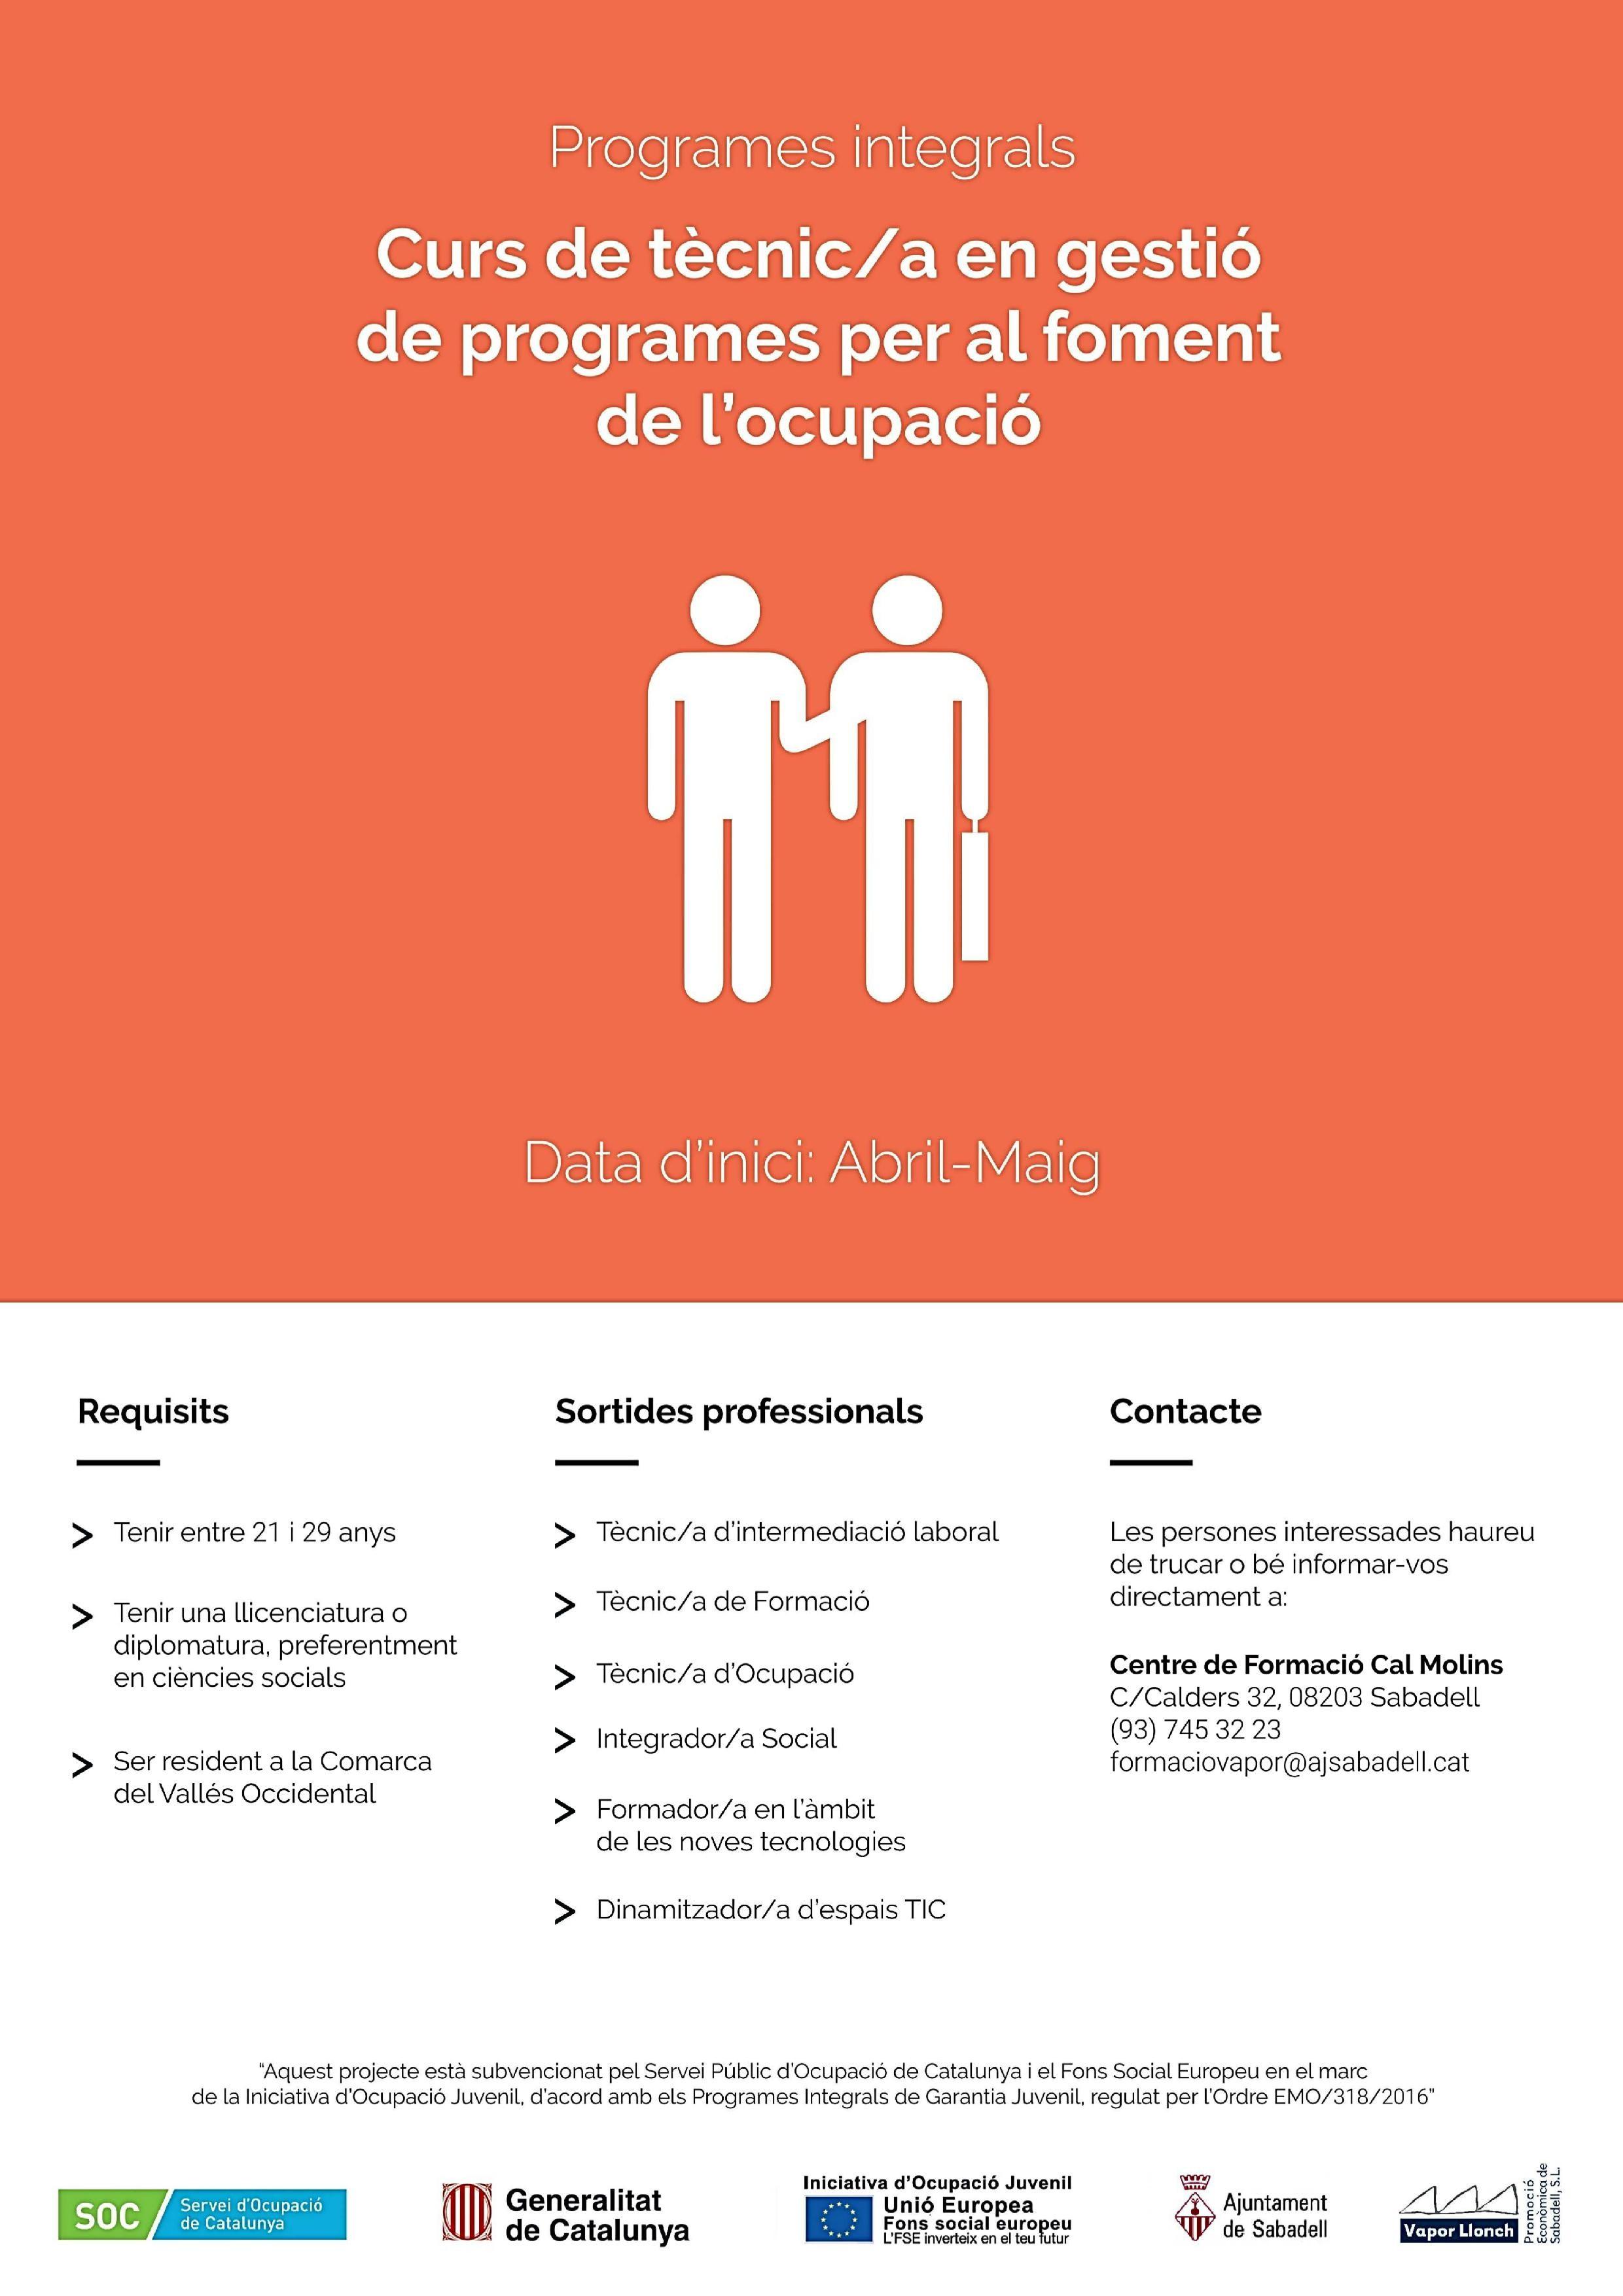 Curs de Tècnic/a en Gestió de Programes per al Foment de l'Ocupació